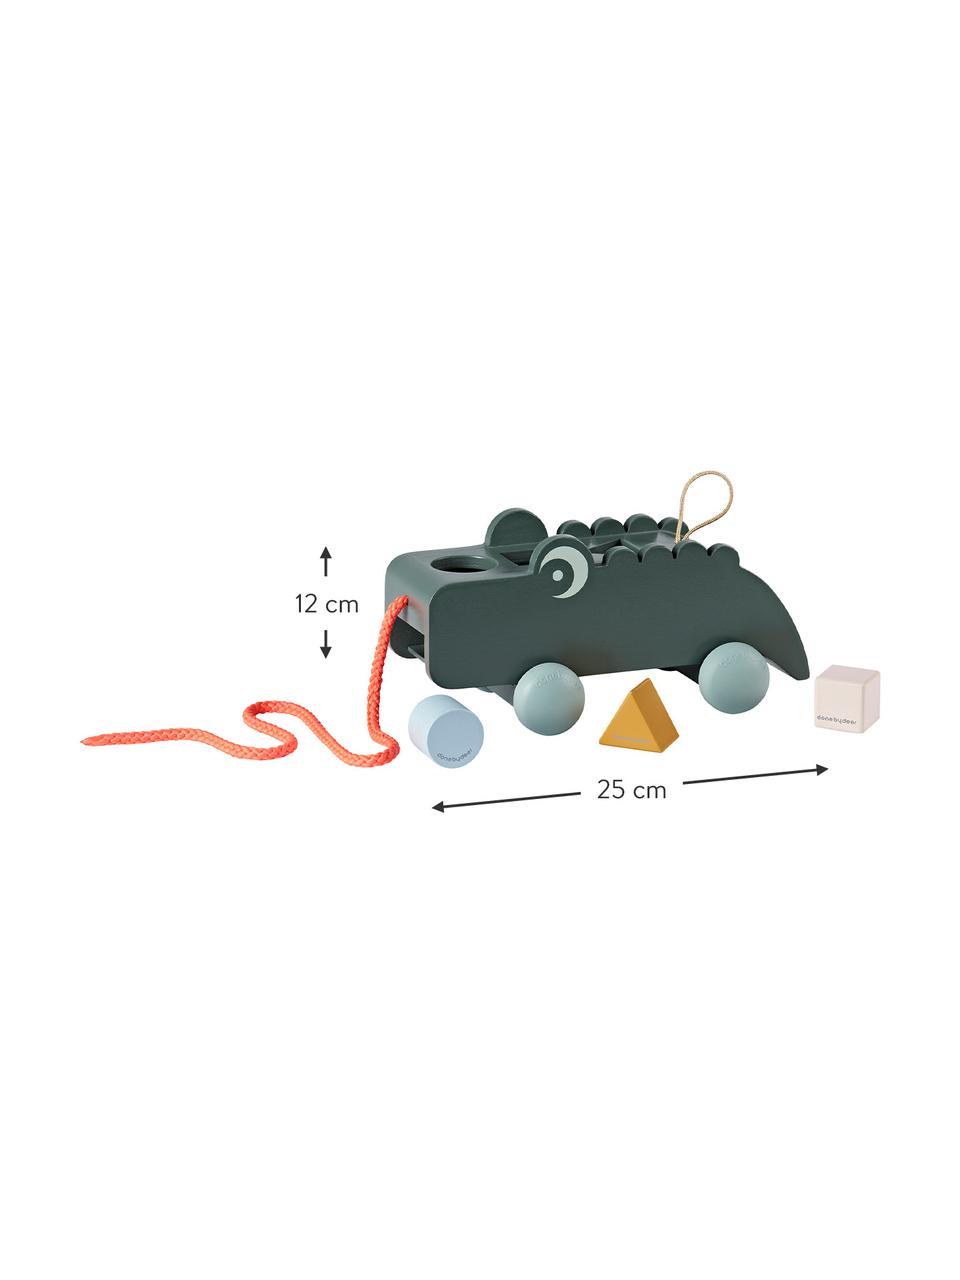 Zieh-Sortierbox Croco, Rollen: Kunststoff (TPE), Grün, 25 x 12 cm